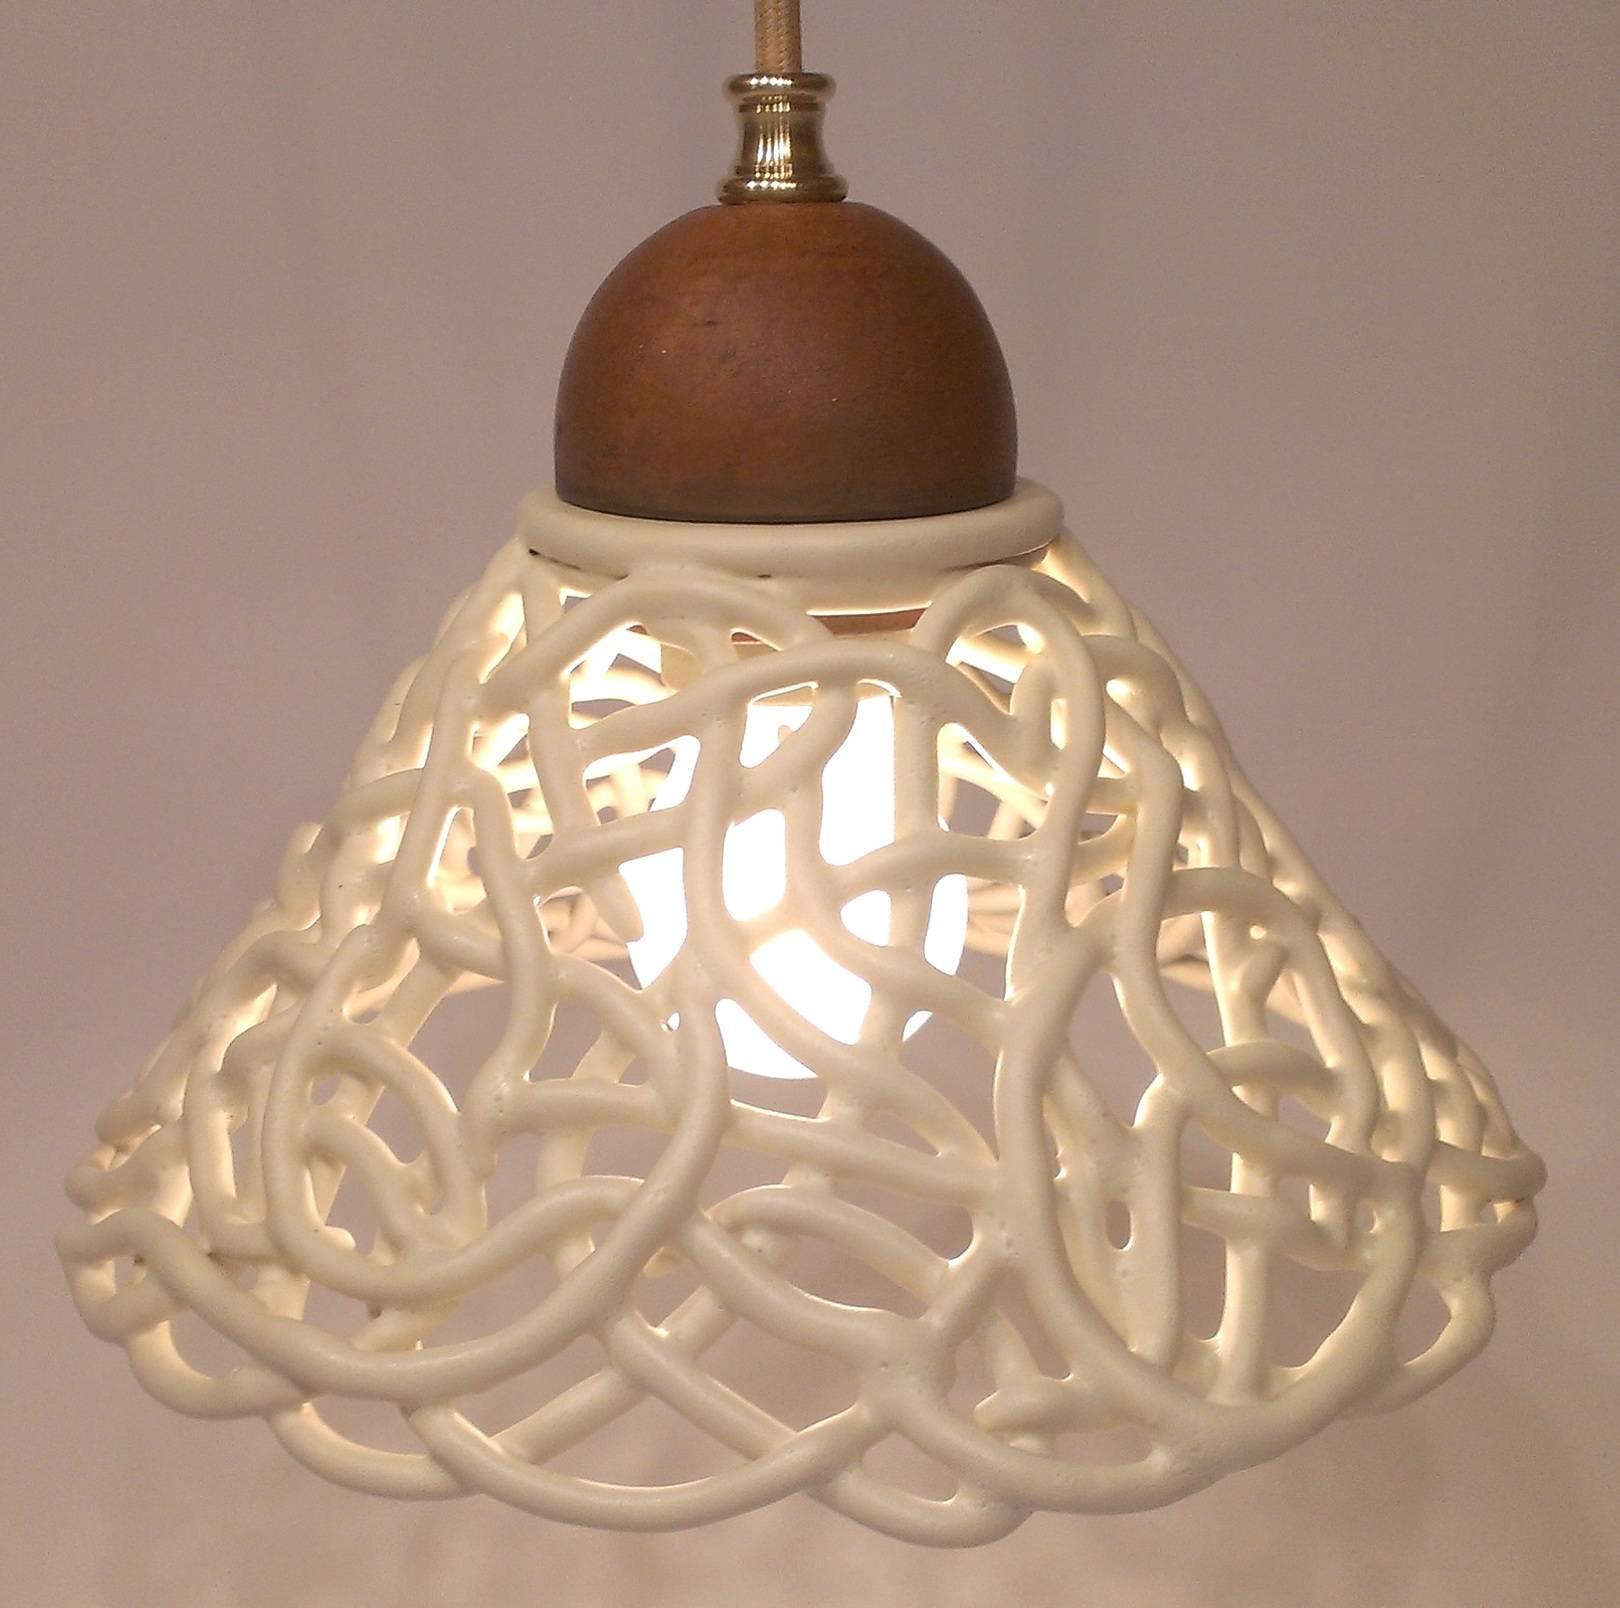 """Потолочный светильник на подвесе в стиле плетеной керамики. """"Мартини Бьянко"""" Плетение из глины, кремовая матовая глазурь"""